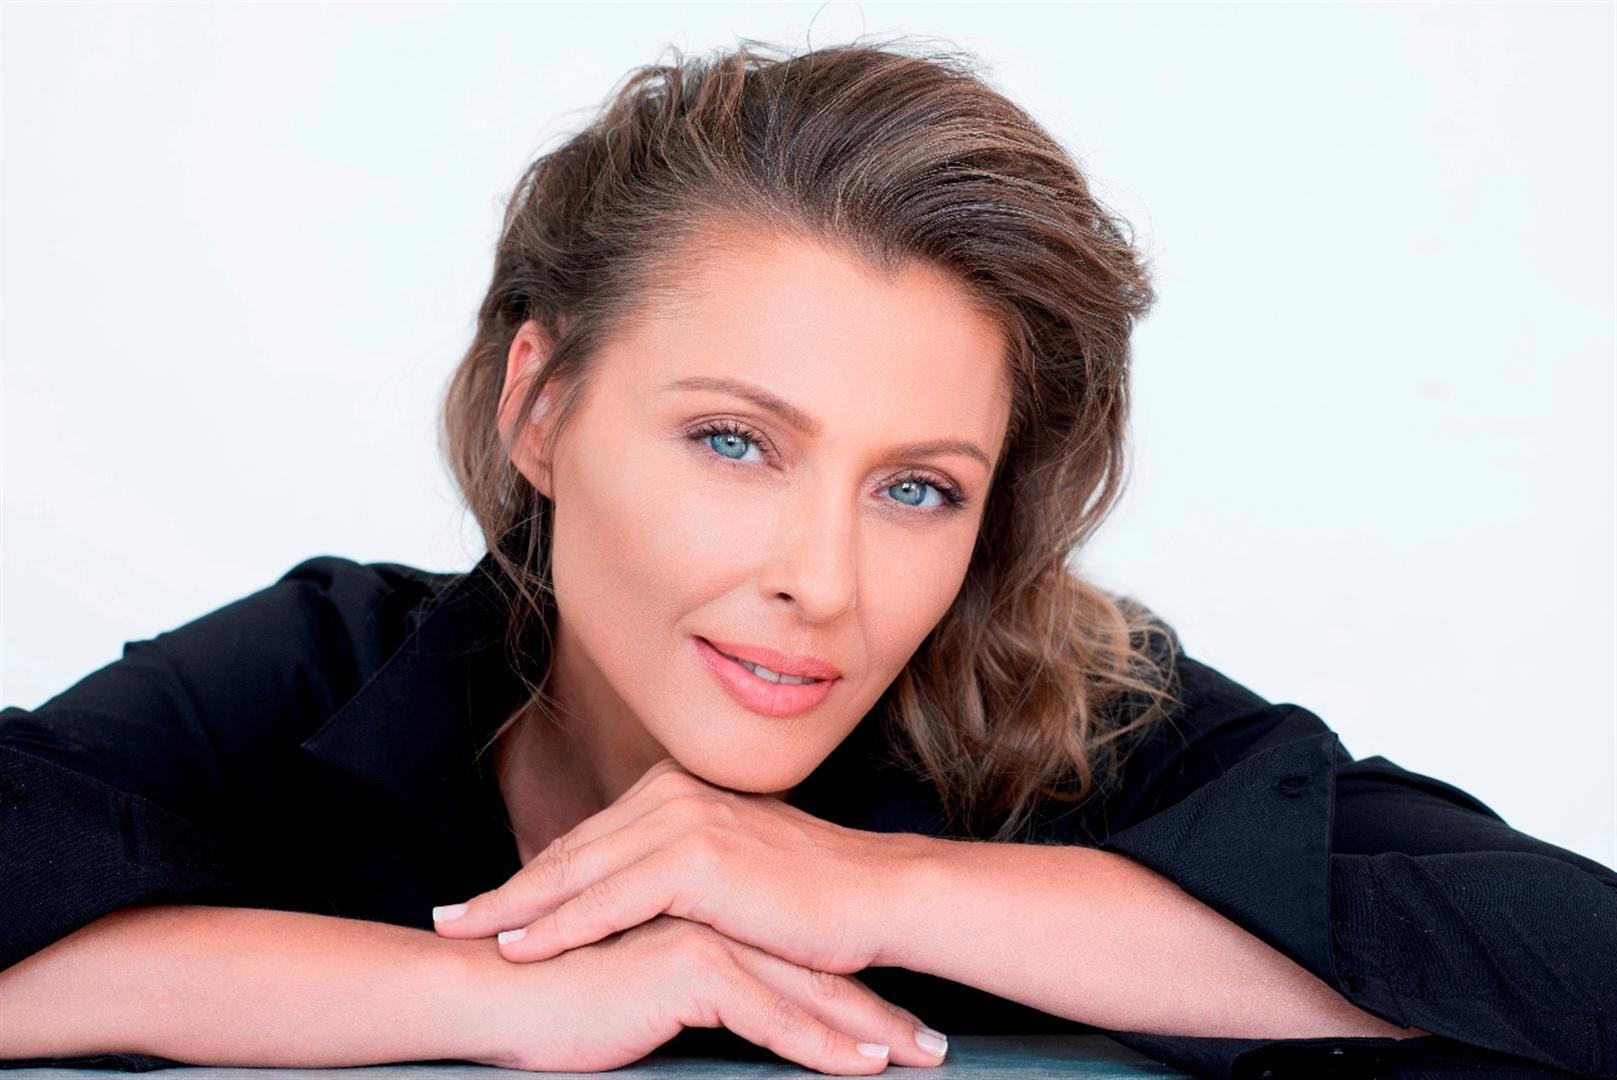 """איבונה קרוגליאק בקמפיין לחברת """"GIGI מעבדות קוסמטיקה"""" (צילום: עידו לביא)"""